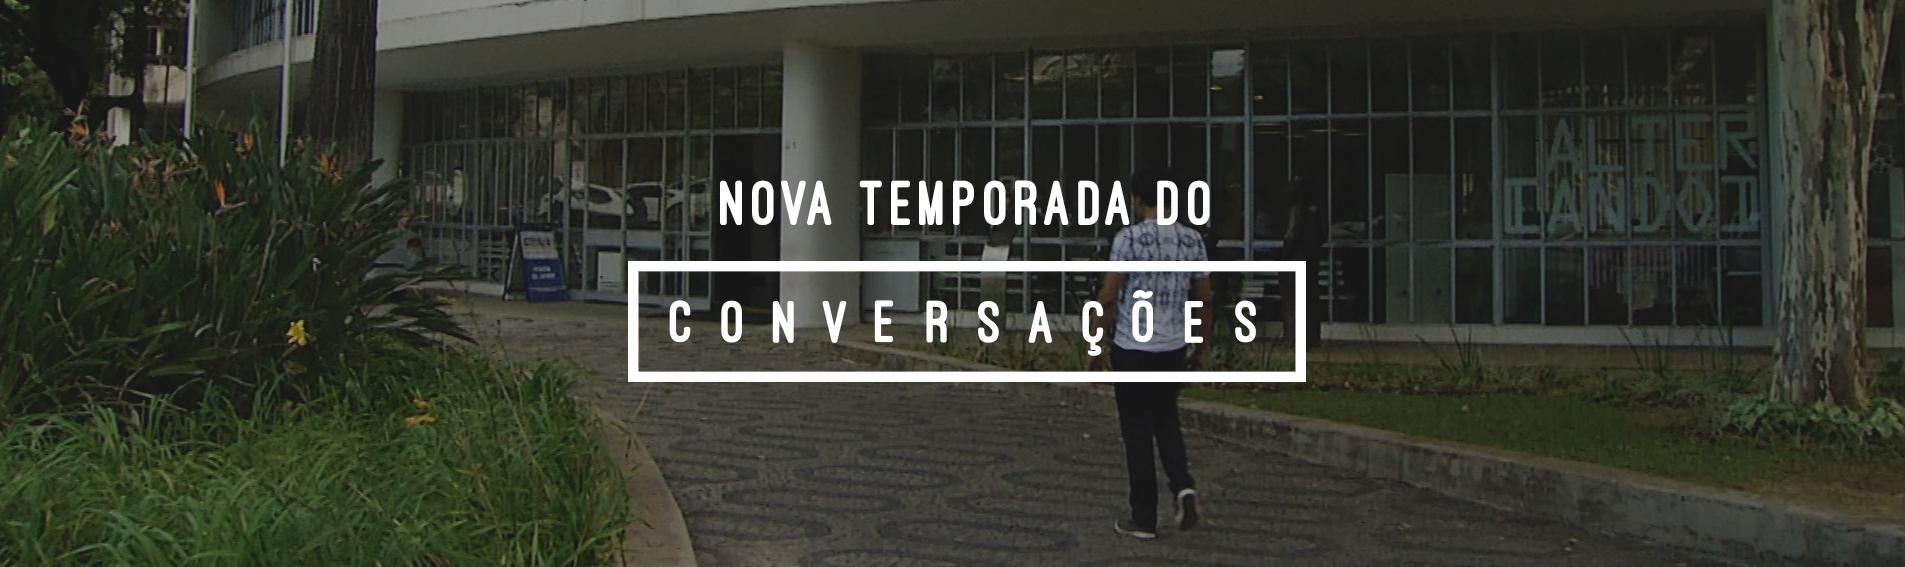 banner-site-conversaces-nova